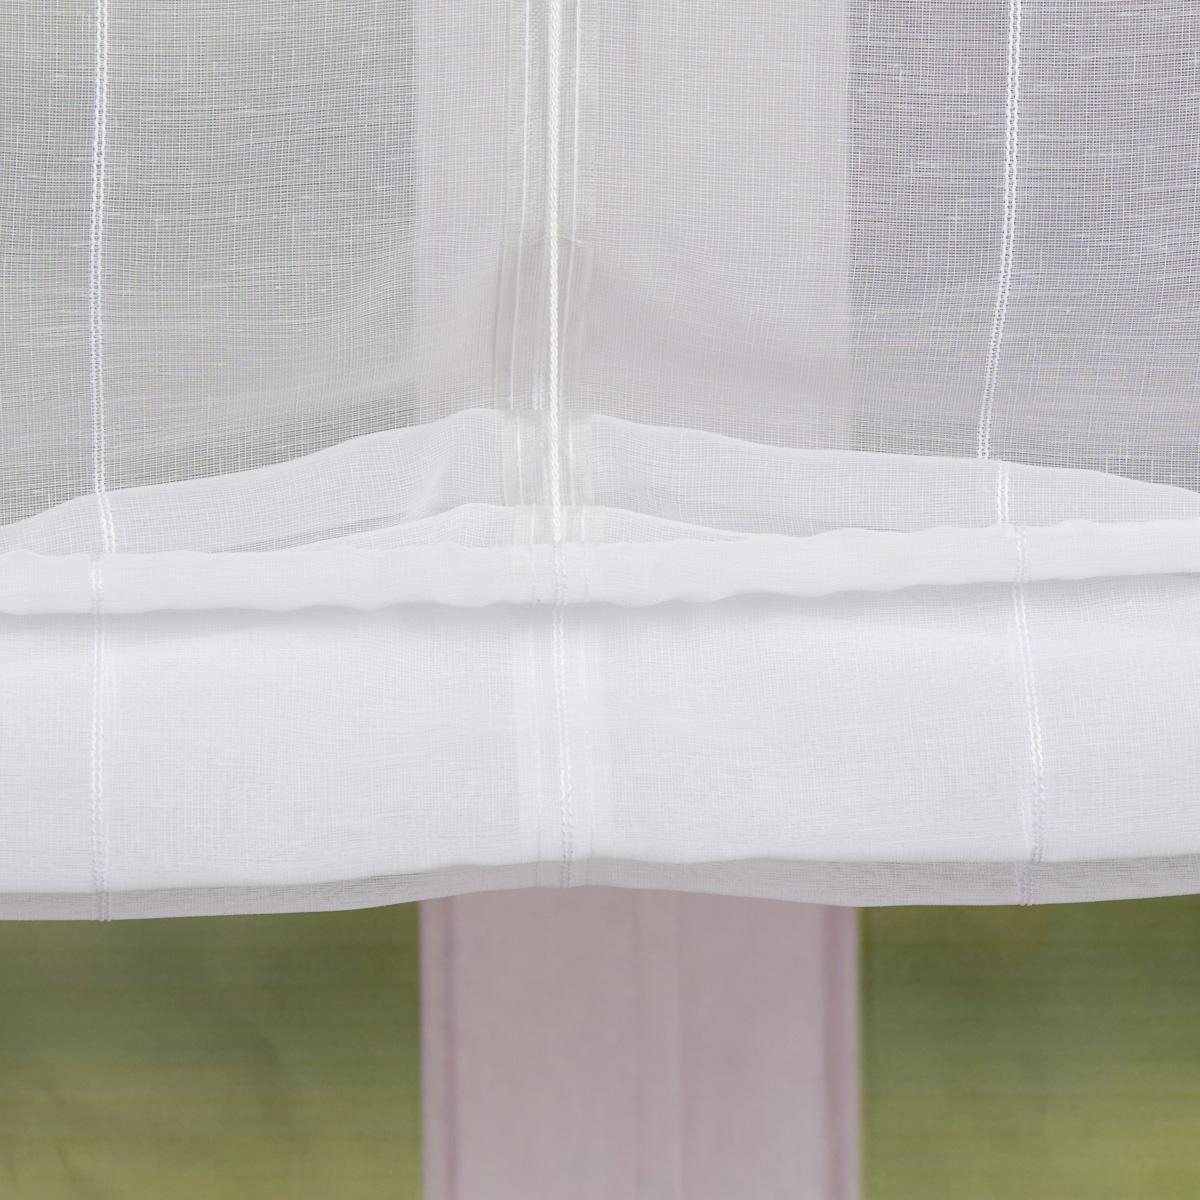 raffrollo rollo schlaufen wei transparent mit streifen 120x140cm fertiggardinen. Black Bedroom Furniture Sets. Home Design Ideas